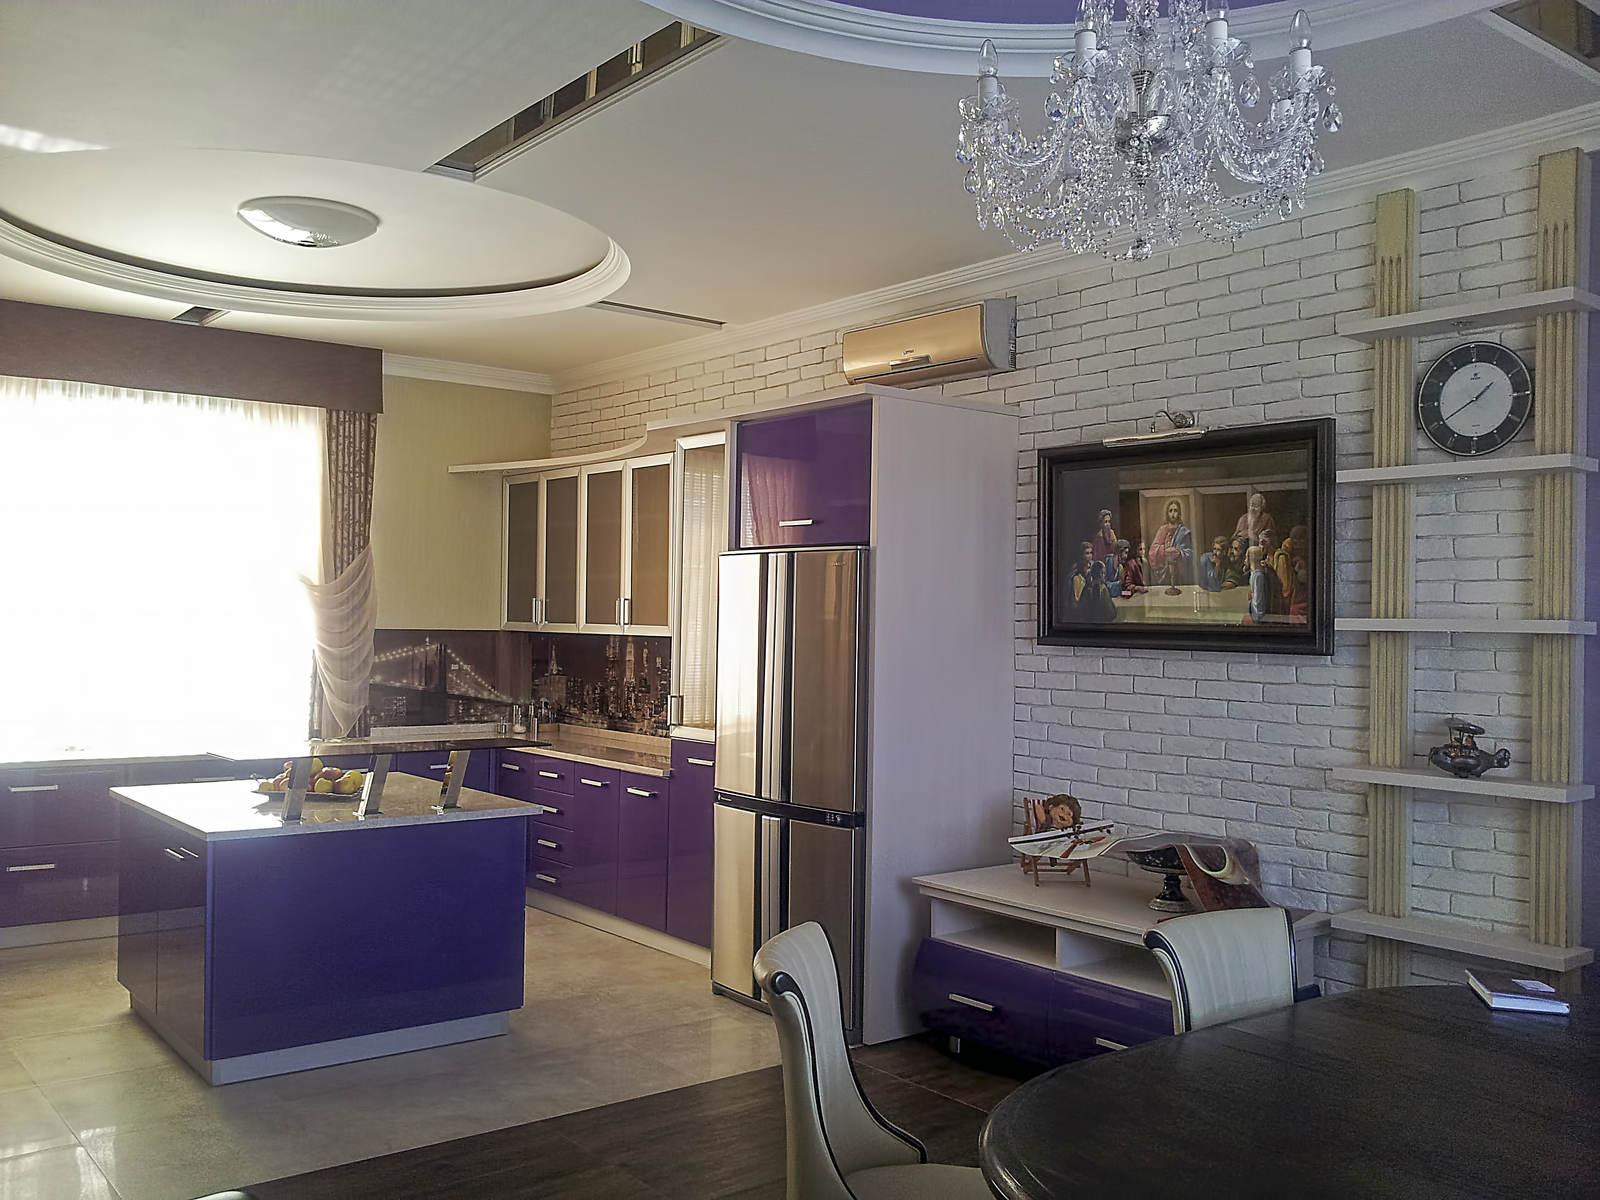 Дизайн кухни гостиной в современном стиле в киеве ремонт до после ремонта классический стиль модерн